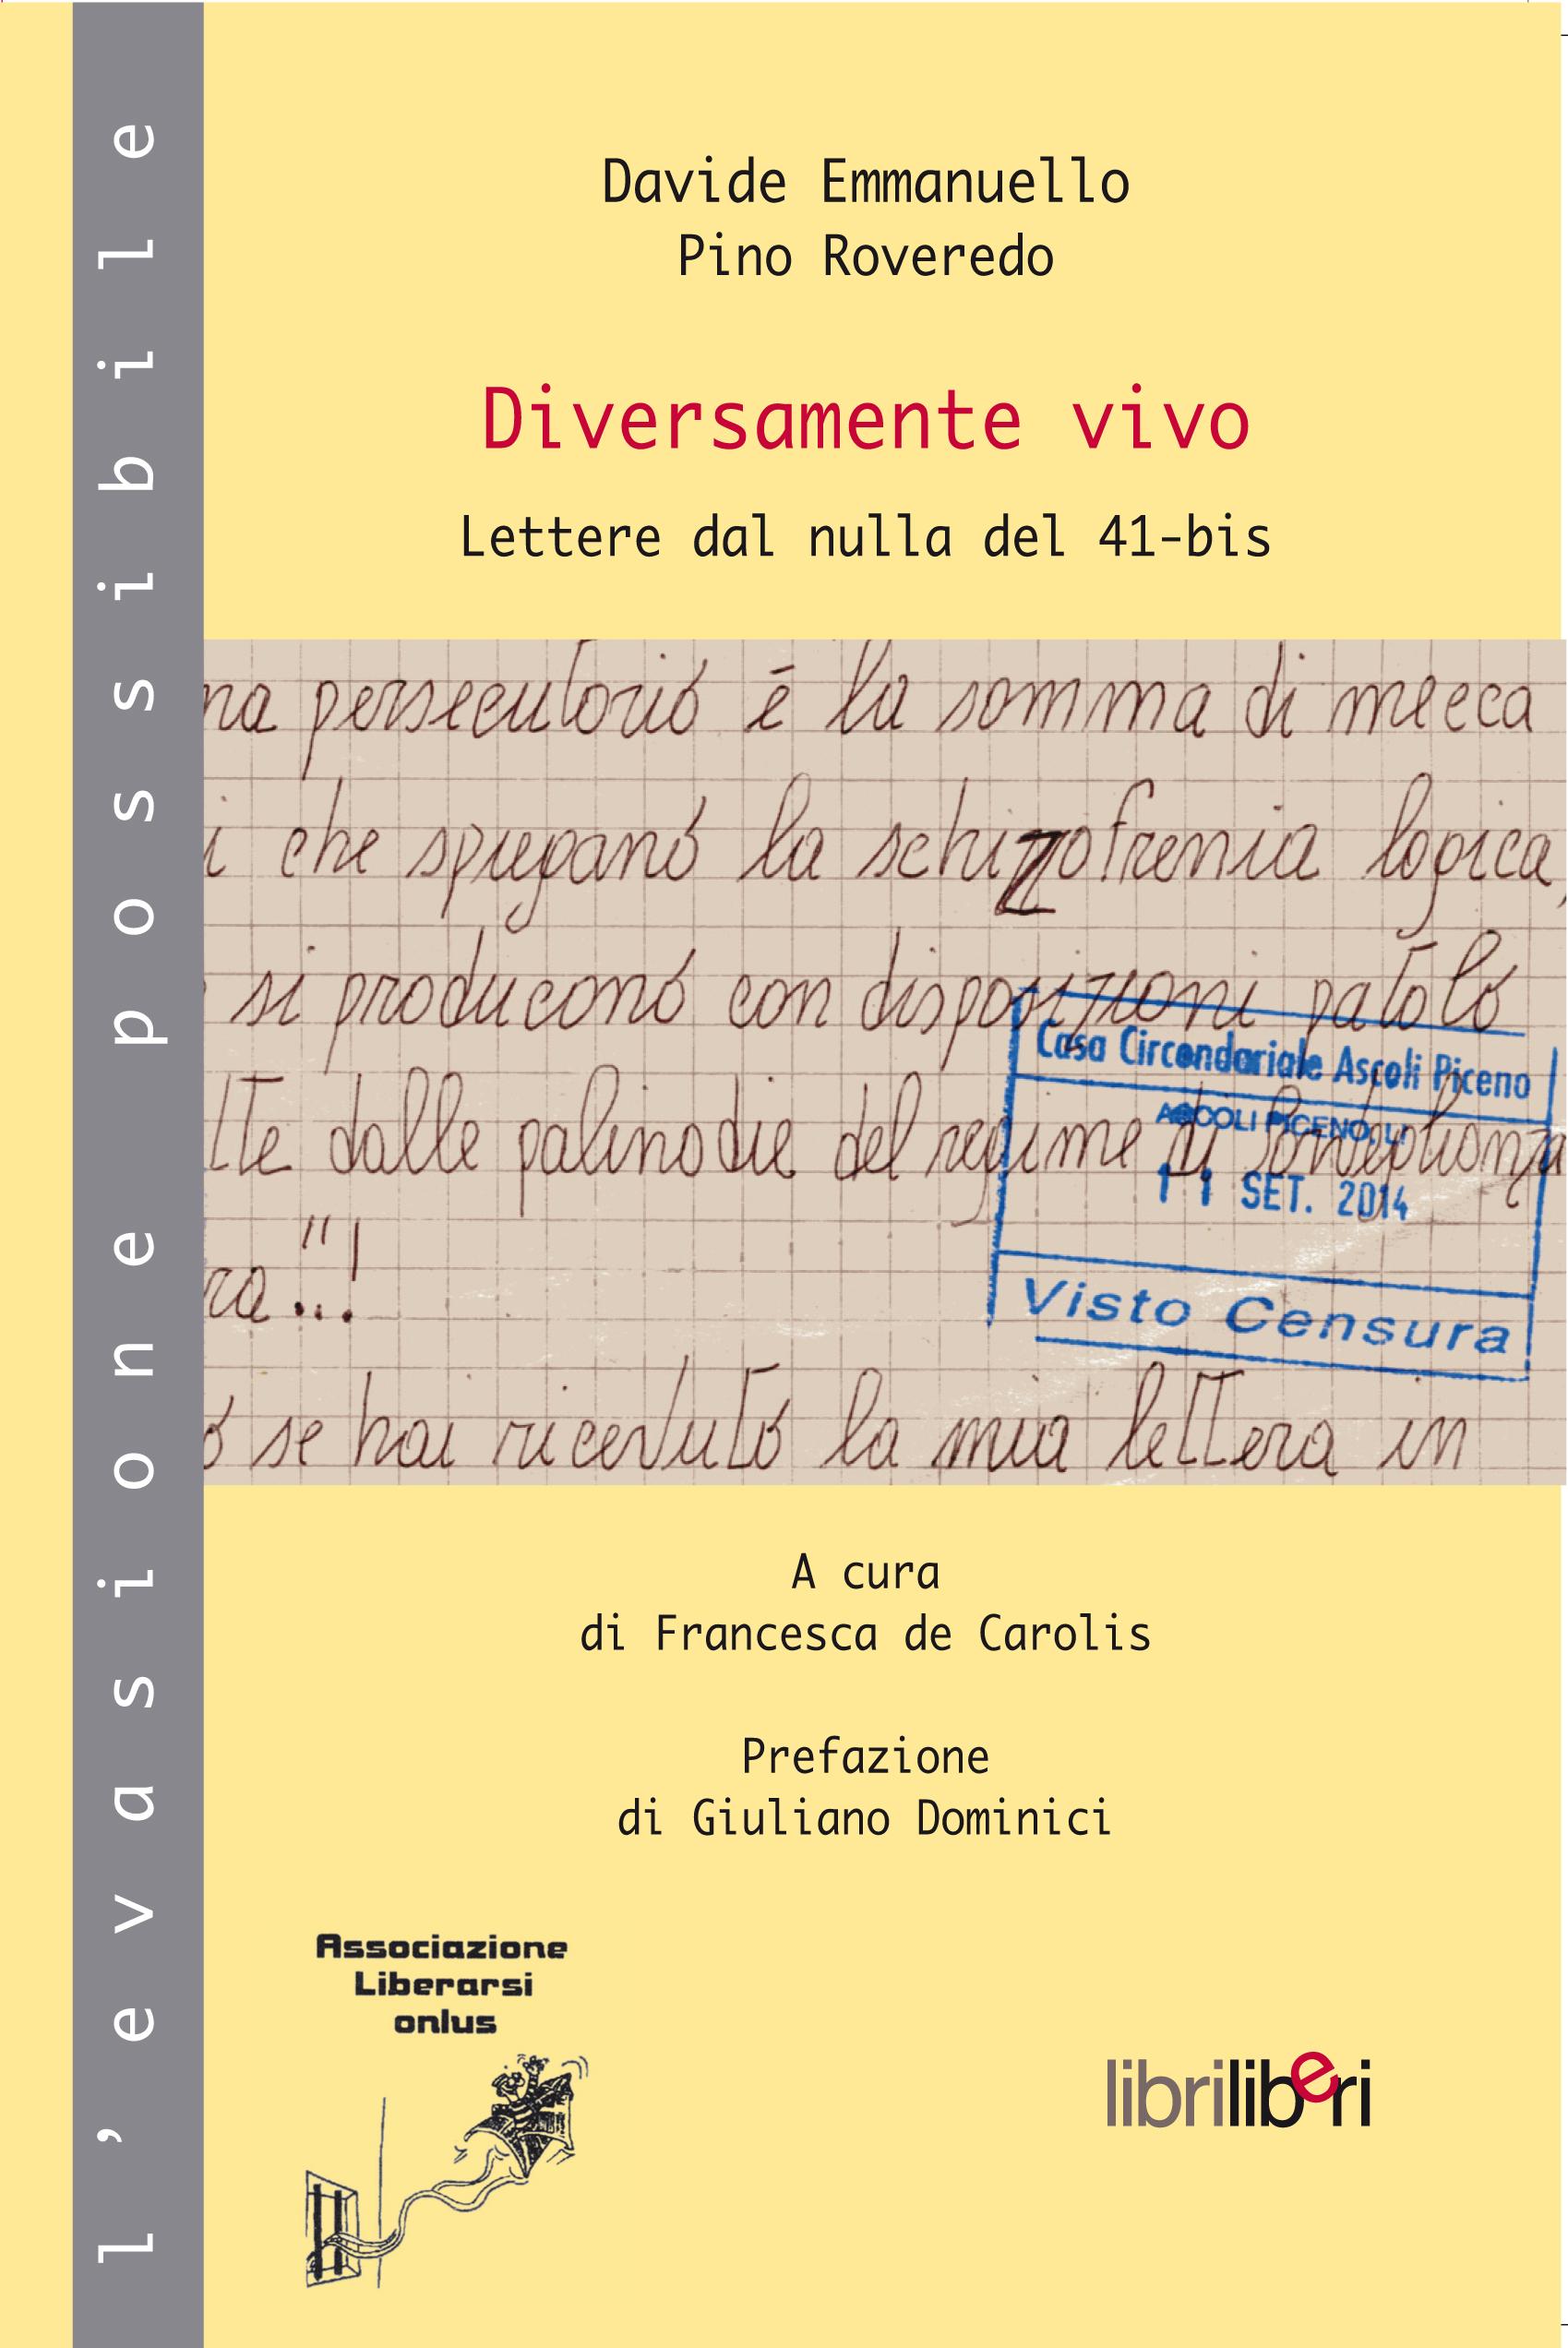 """""""Diverdamente vivo""""… lettere dal 41 di Davide Emmanuello"""